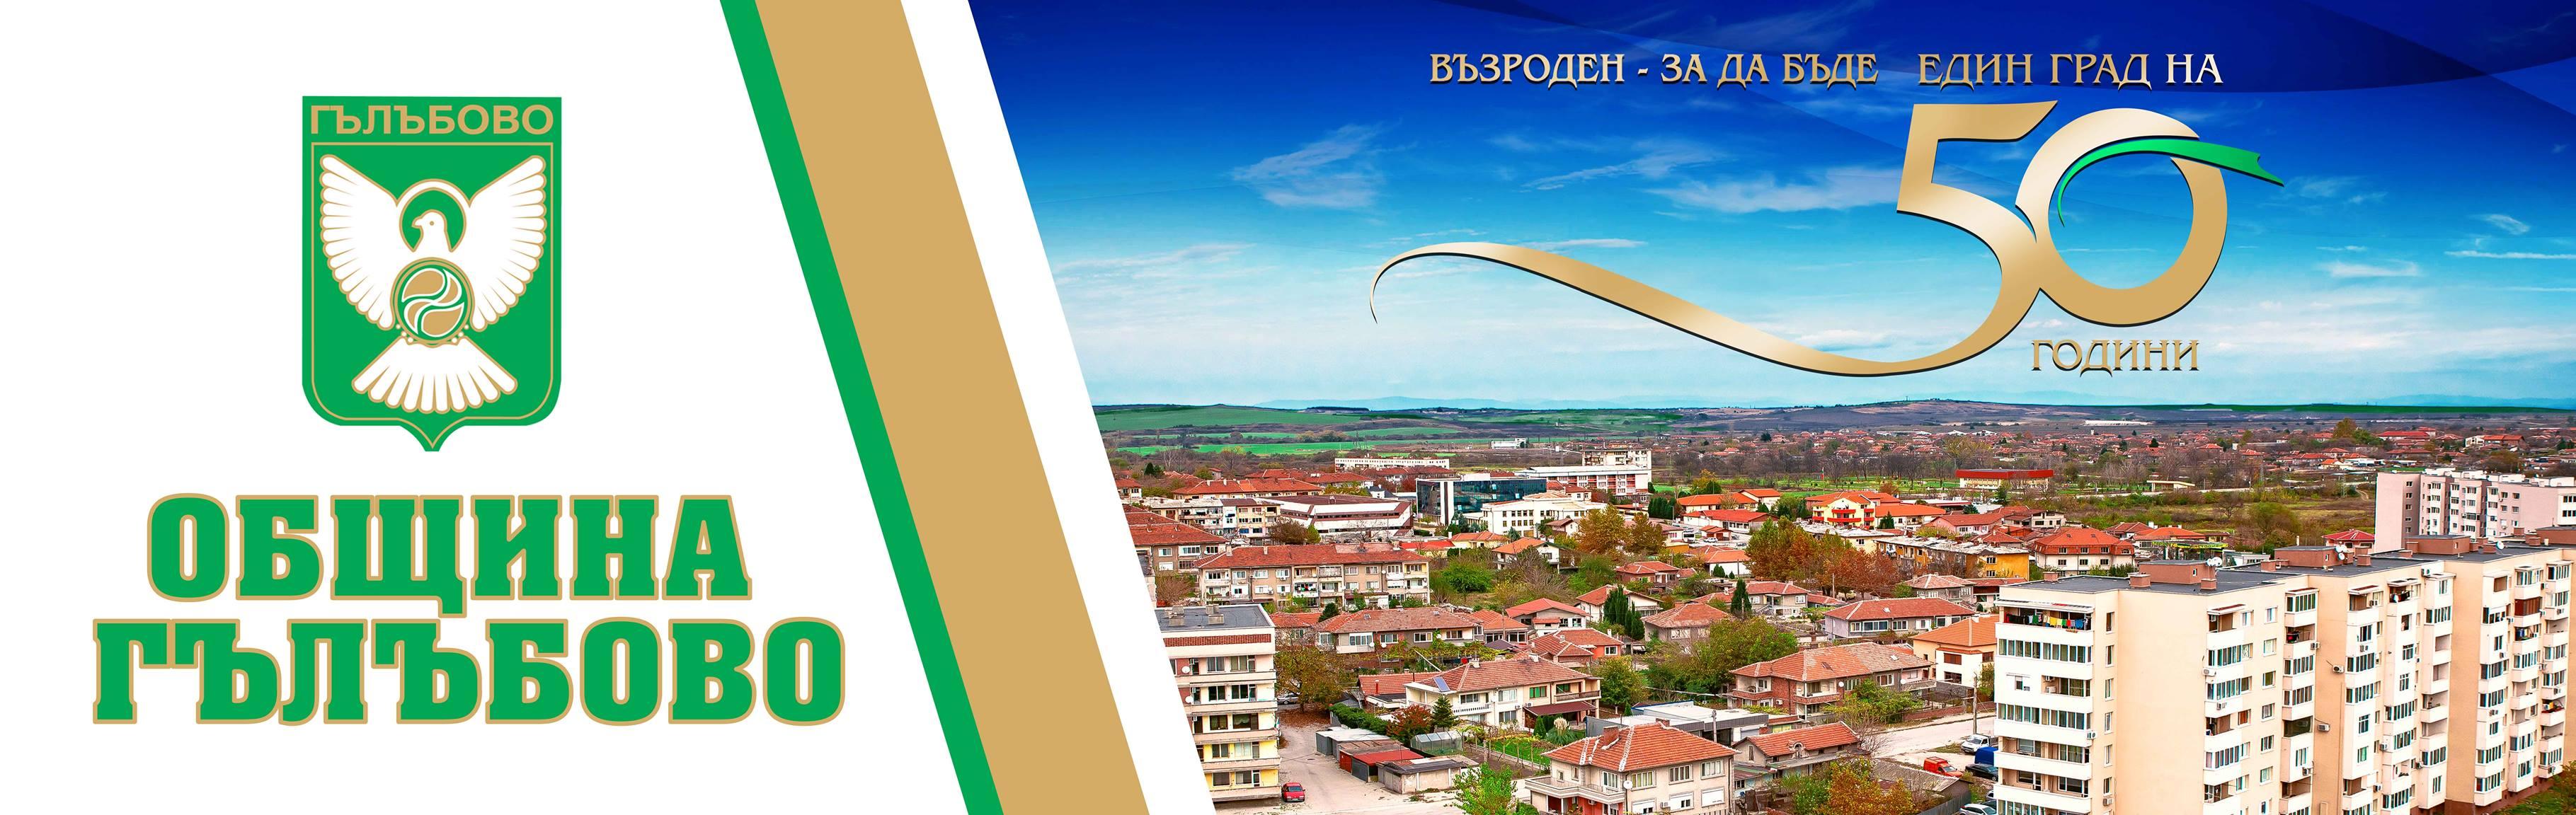 От днес в Община Гълъбово се въвежда вечерен час в ромския кв. Лозенец и вечерен час за непълнолнолетни лица